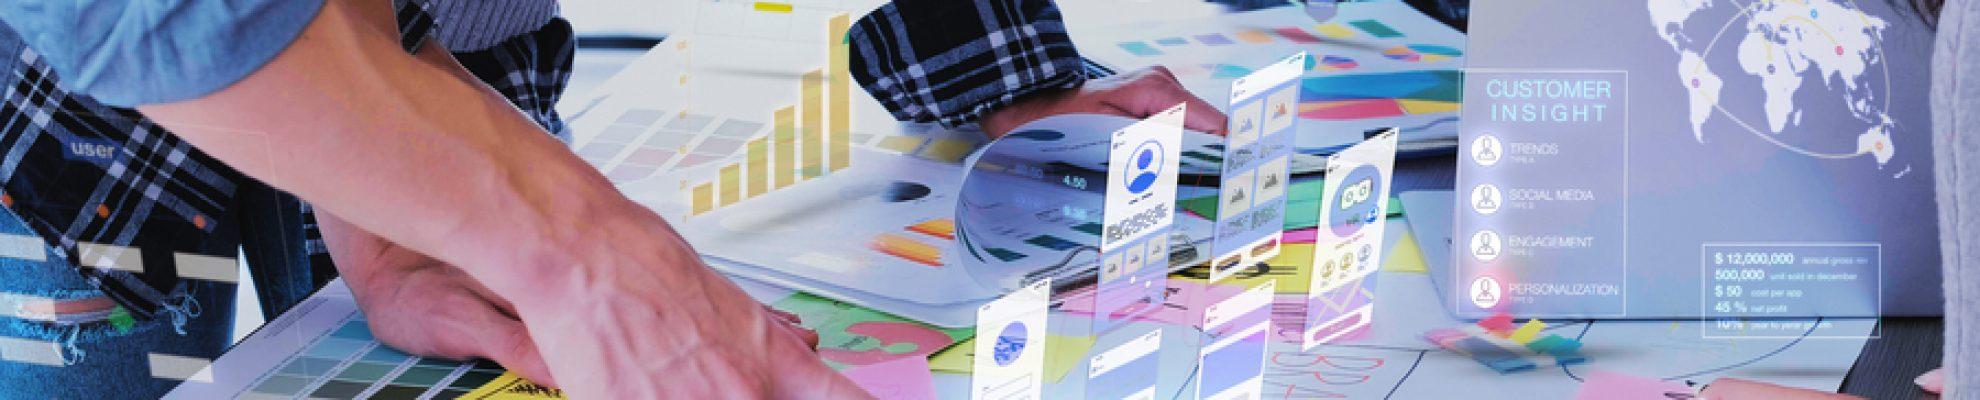 principes culture data driven